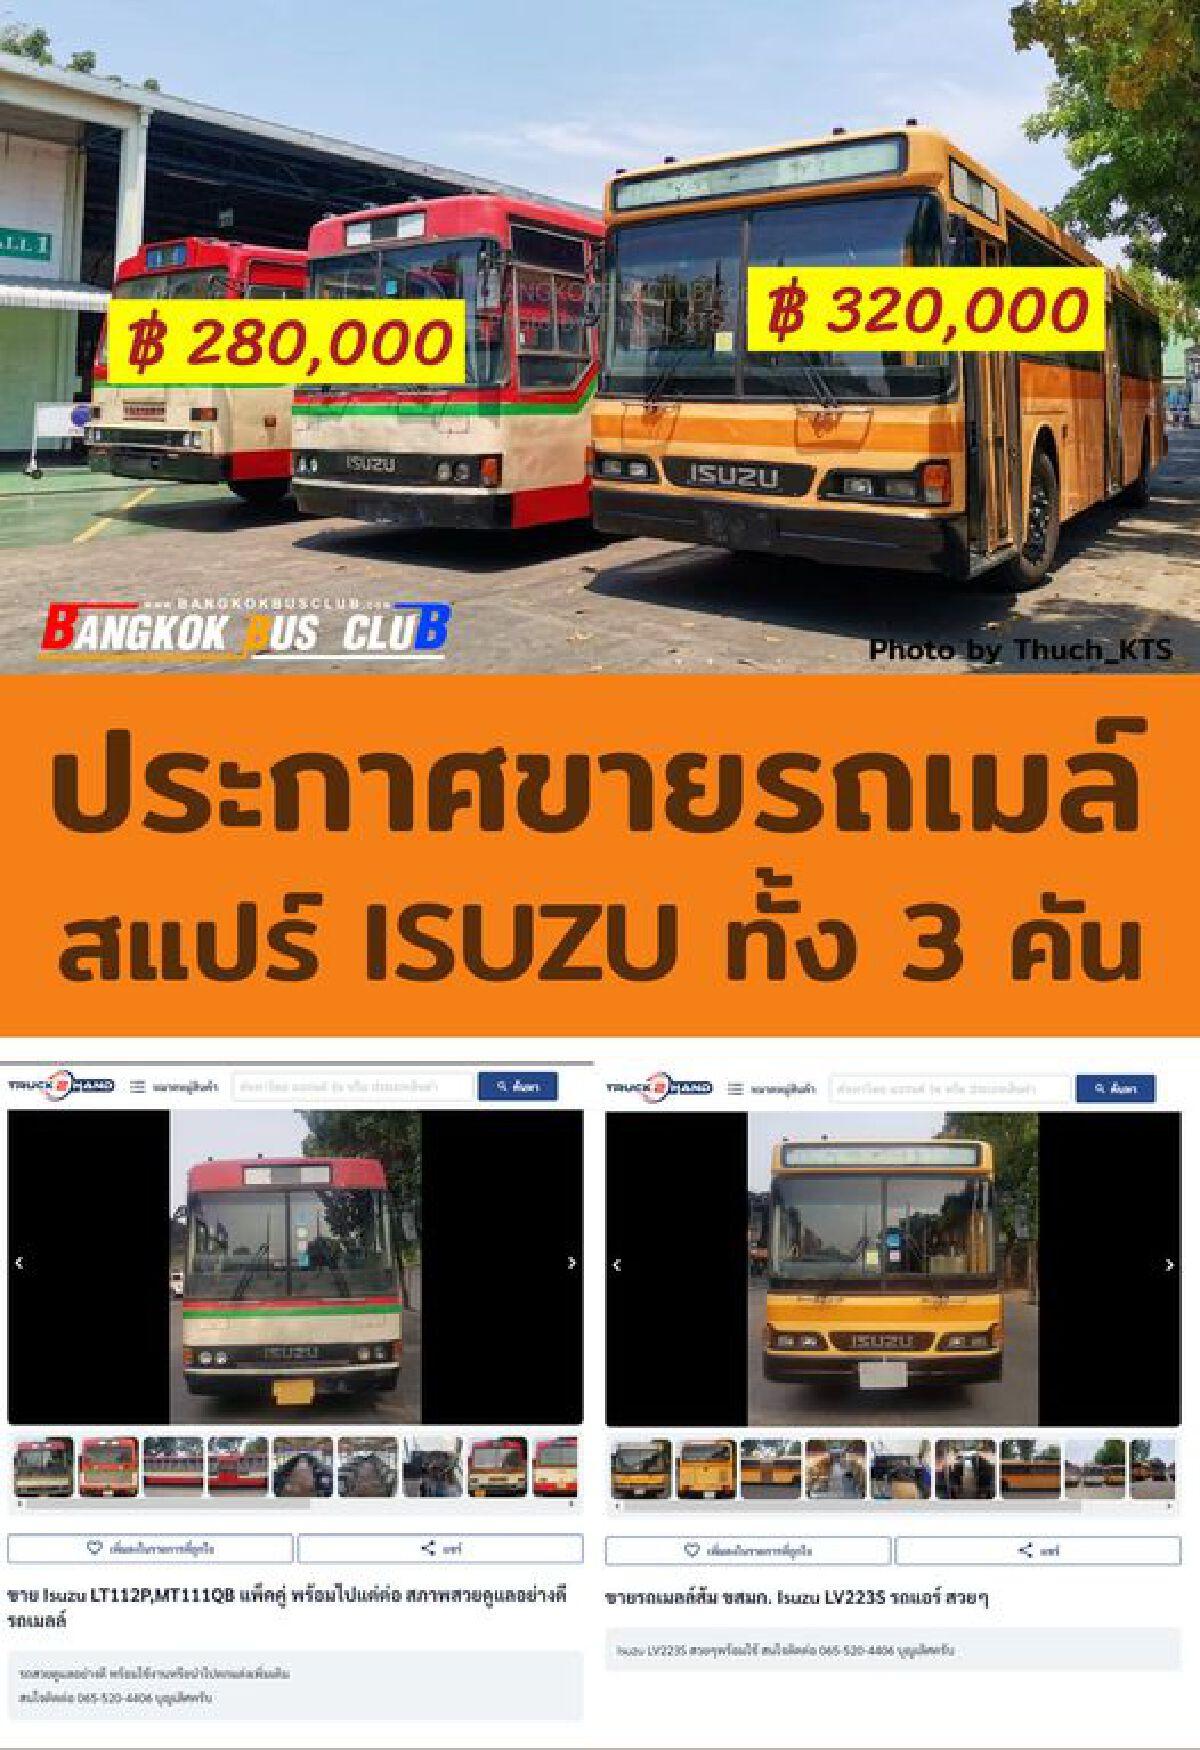 """ประกาศขาย """"รถเมล์สแปร์"""" 3 คัน สภาพดี รถครีมแดง 280,000 ปรับอากาศยูโร 320,000"""